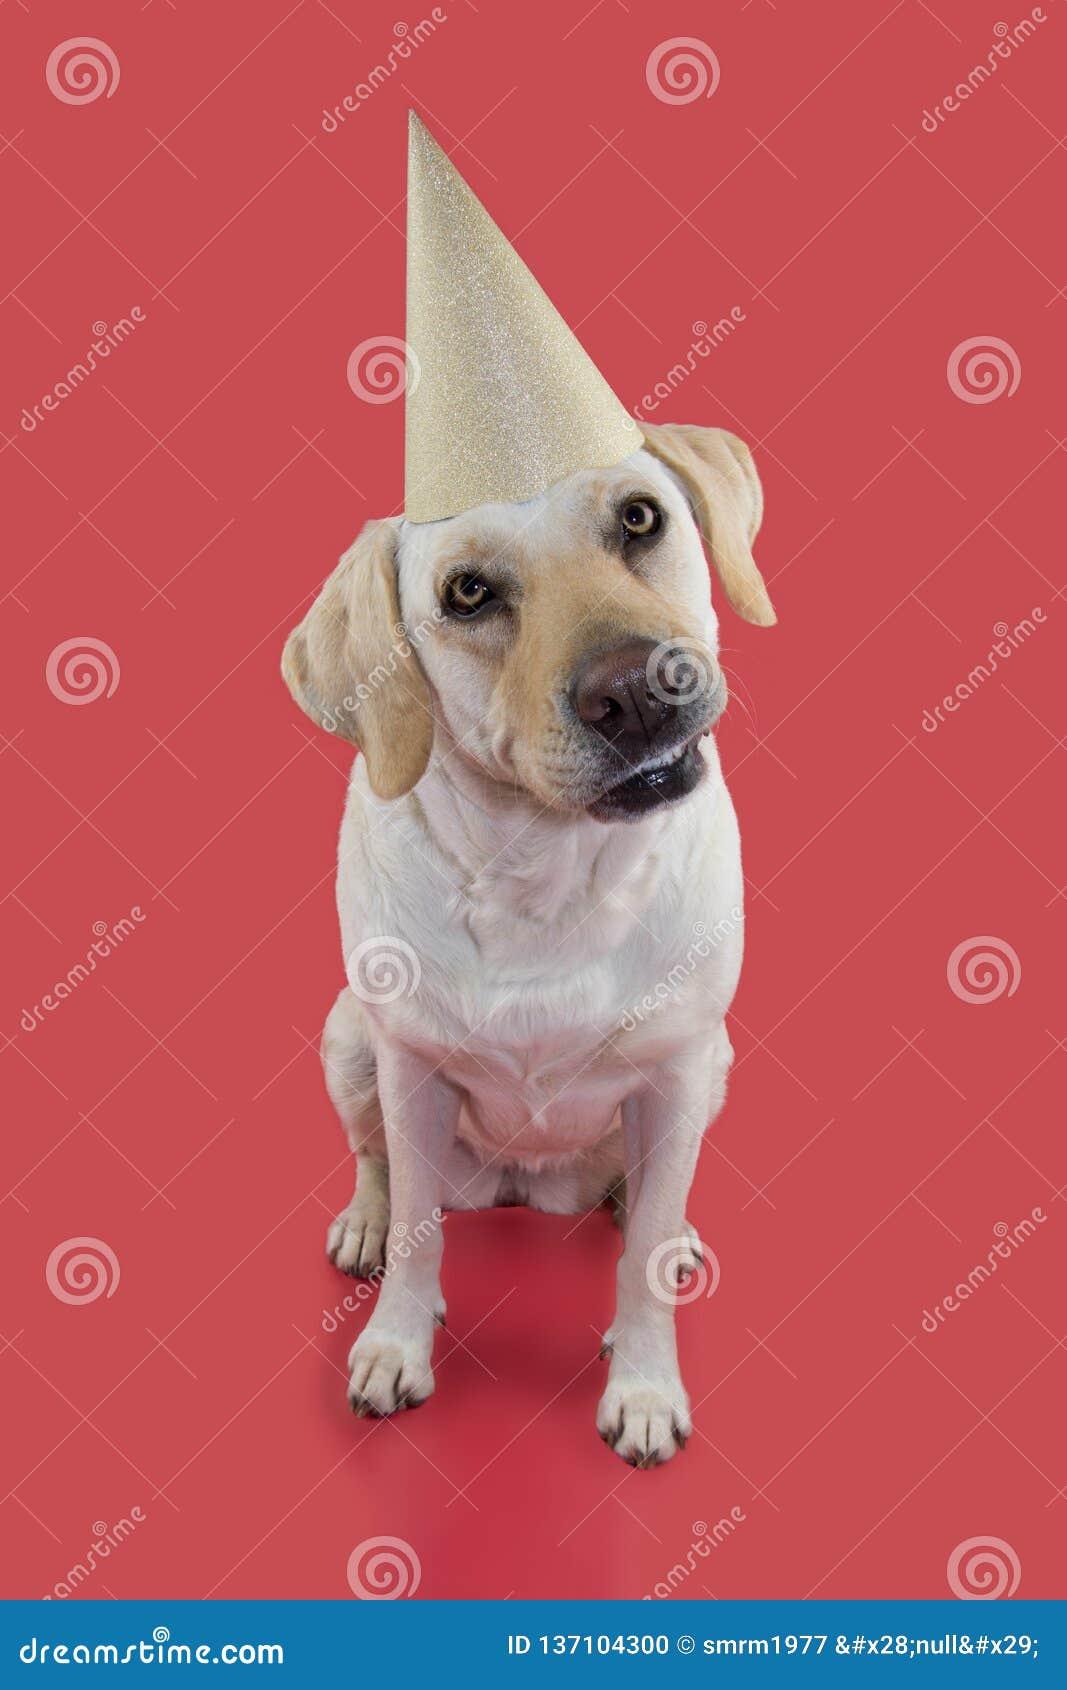 PSIA odświętność urodziny LUB nowego roku przyjęcie BYĆ UBRANYM błyskotliwość ZŁOTEGO kapelusz ODOSOBNIONY strzał PRZECIW KORALOW